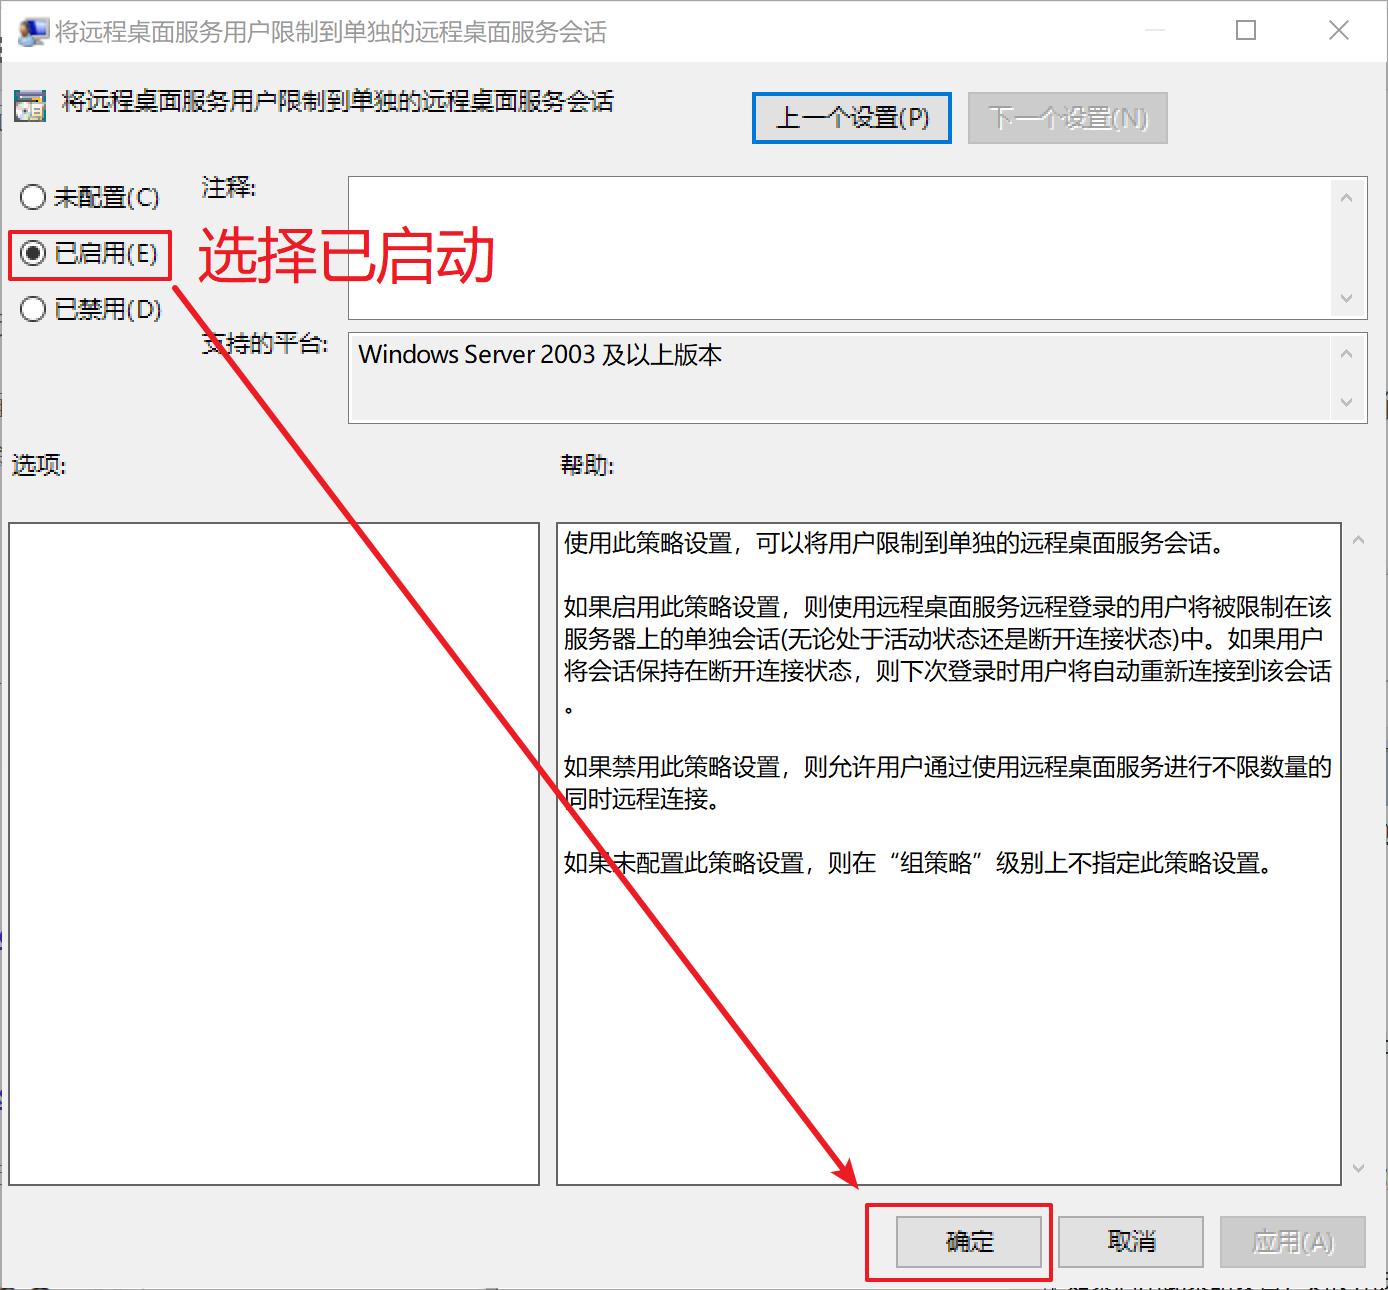 《远程桌面服务端配置文档》